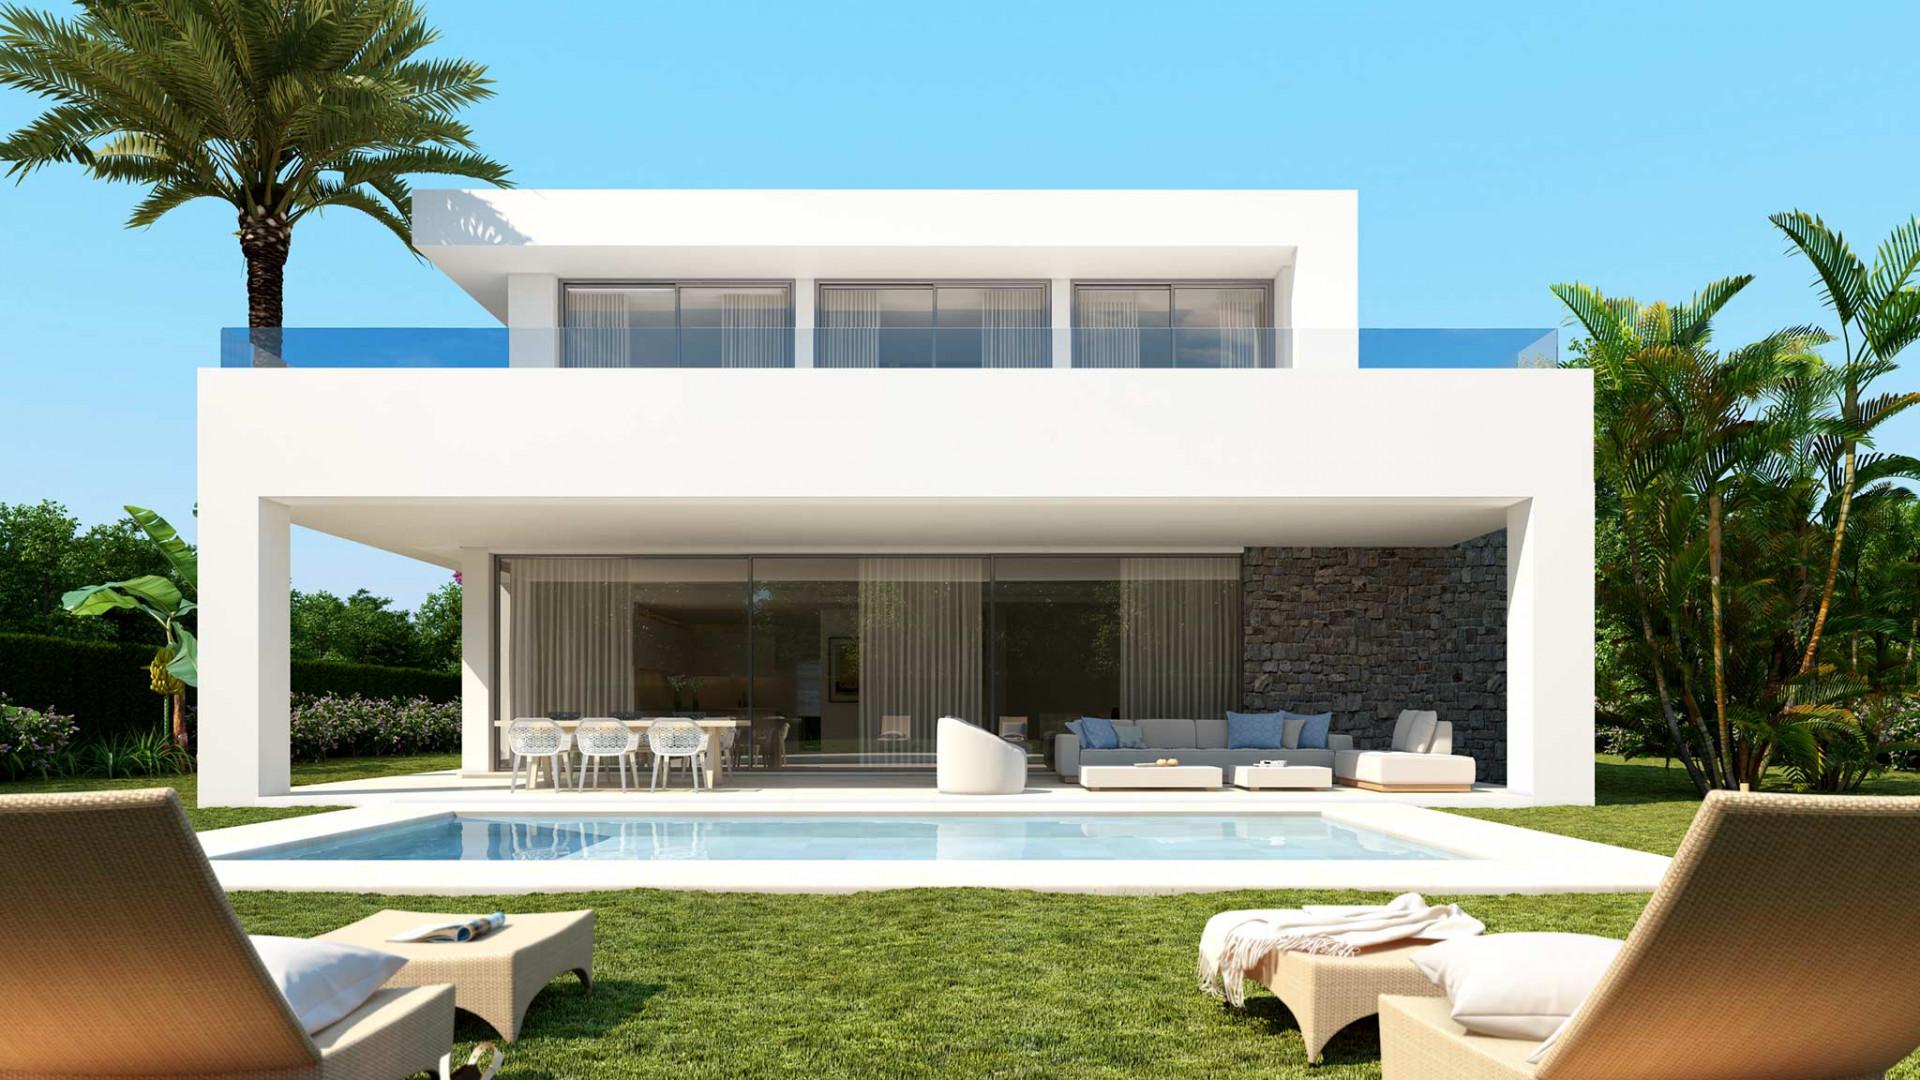 ARFV2194 - Moderne, projektierte Neubauvillen mit Meerblick zum Verkauf in Rio Real in Marbella